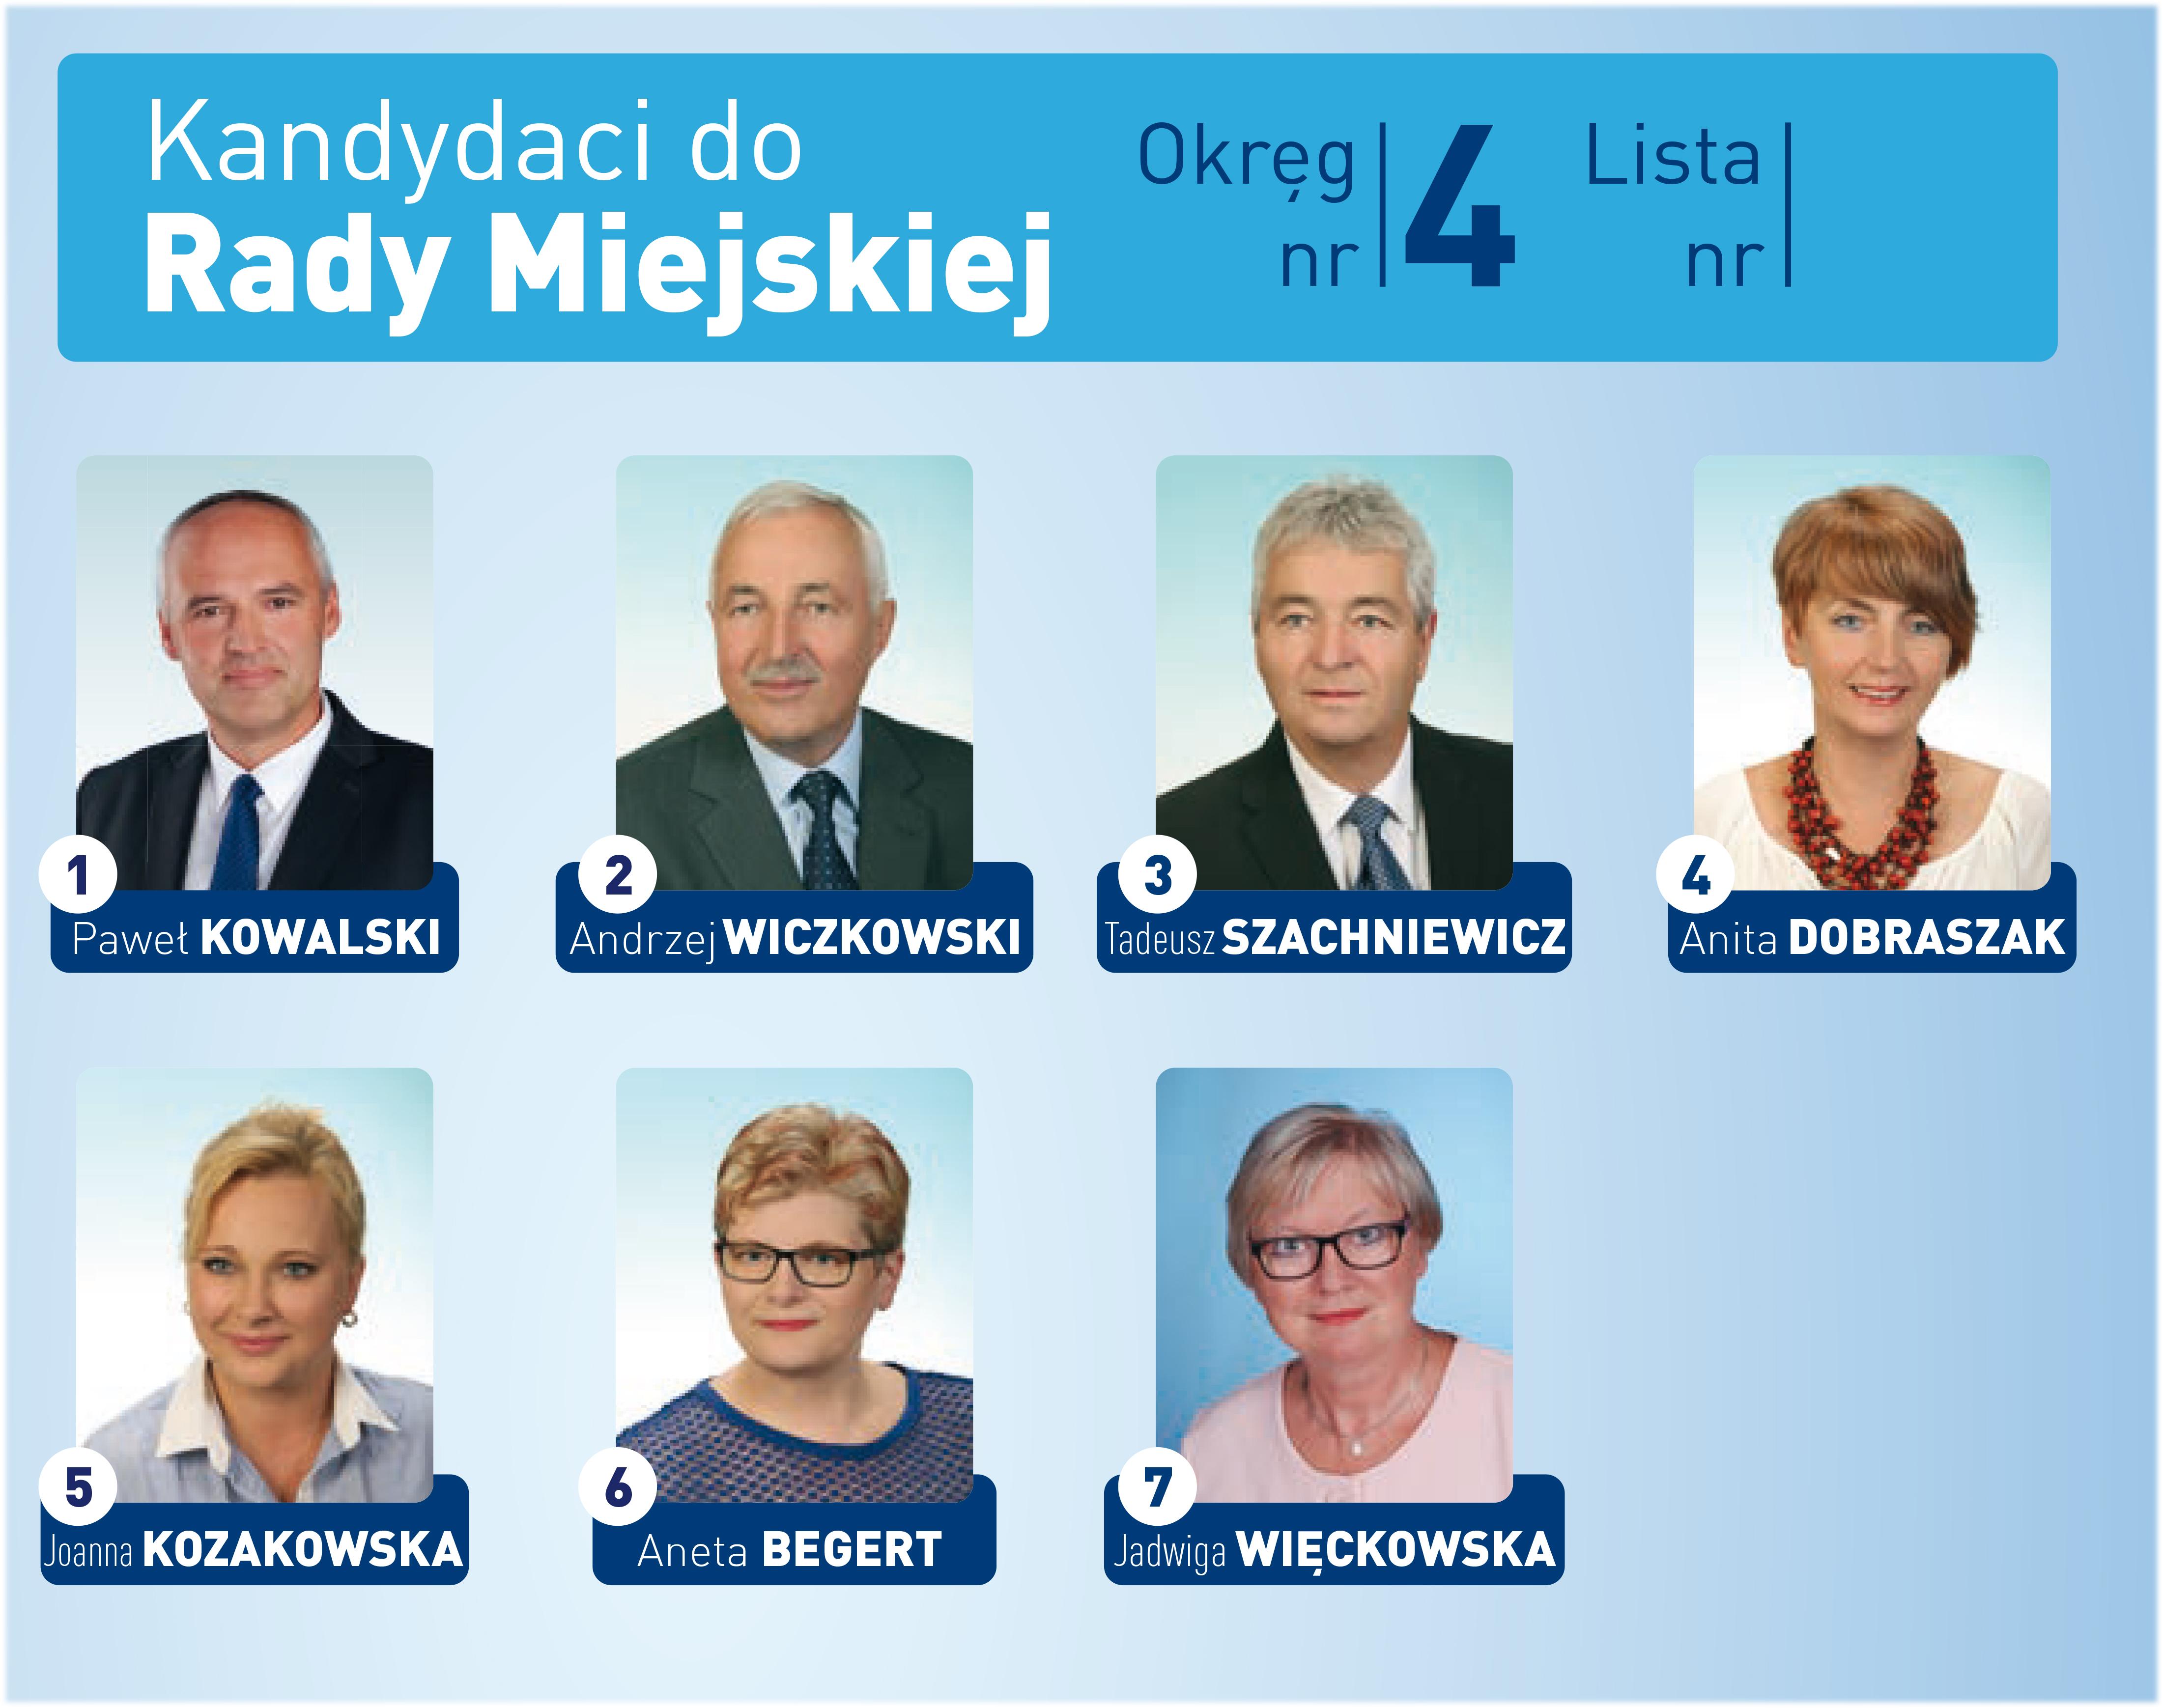 Kandydaci do Rady Miejskiej Dzierżoniowa OKR Nr 4